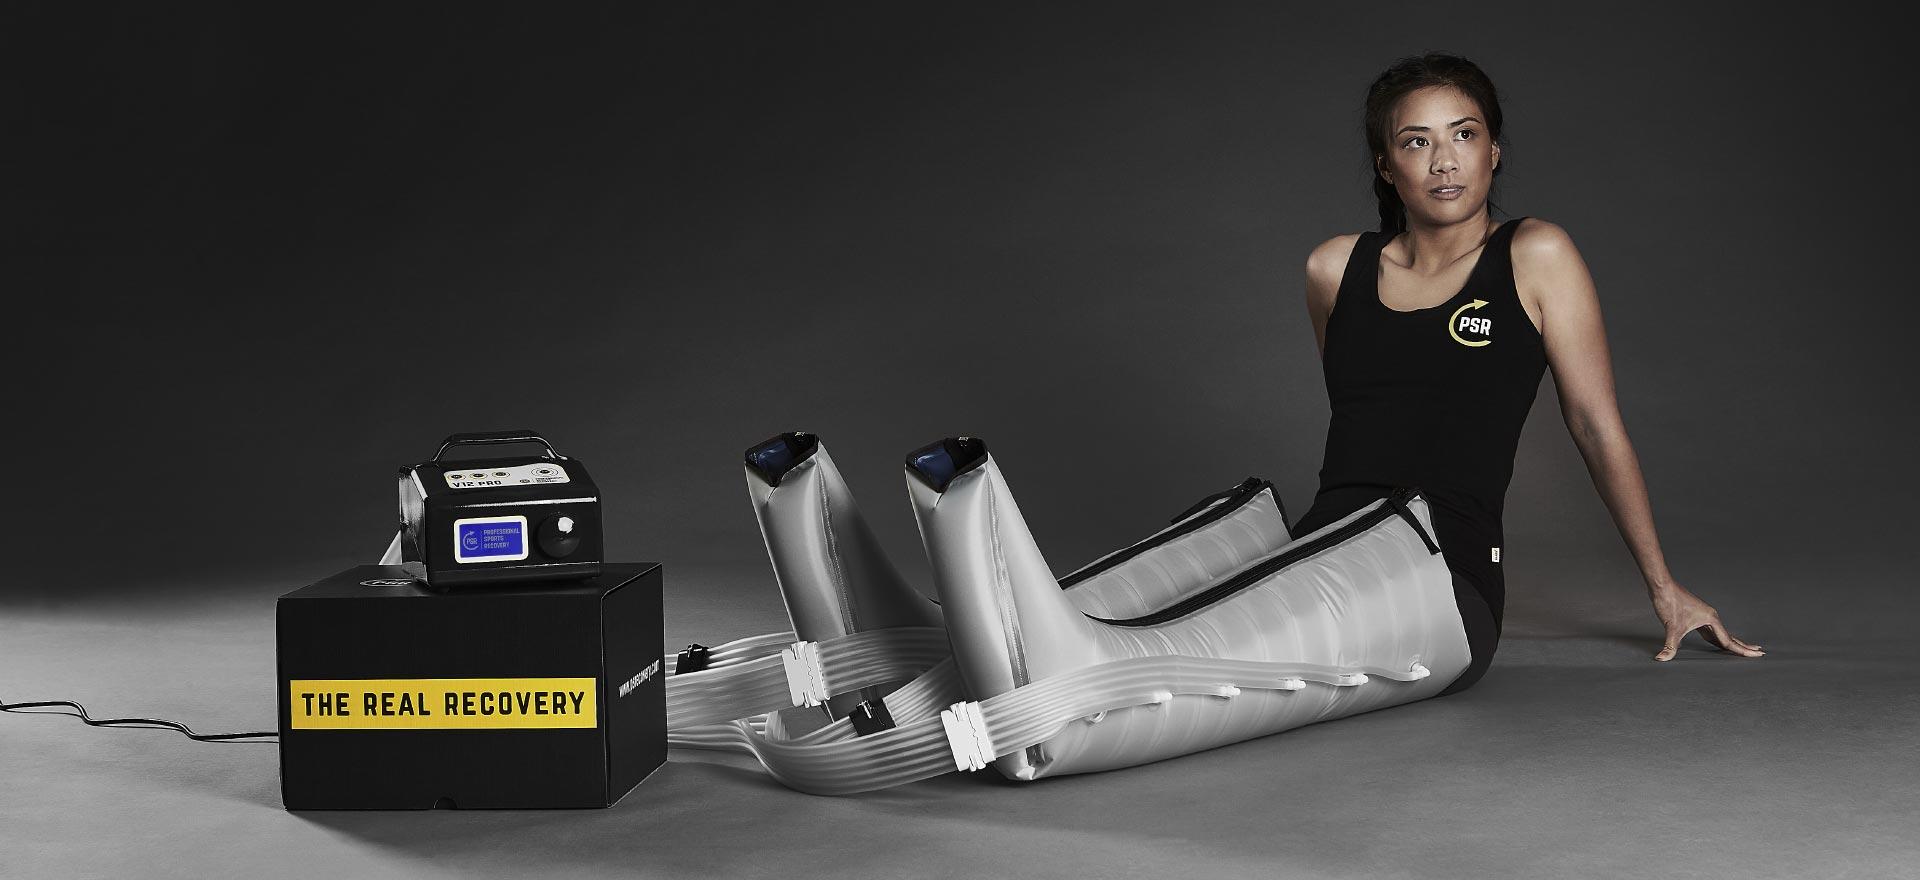 PSR Slider: V12 PRO Leg System